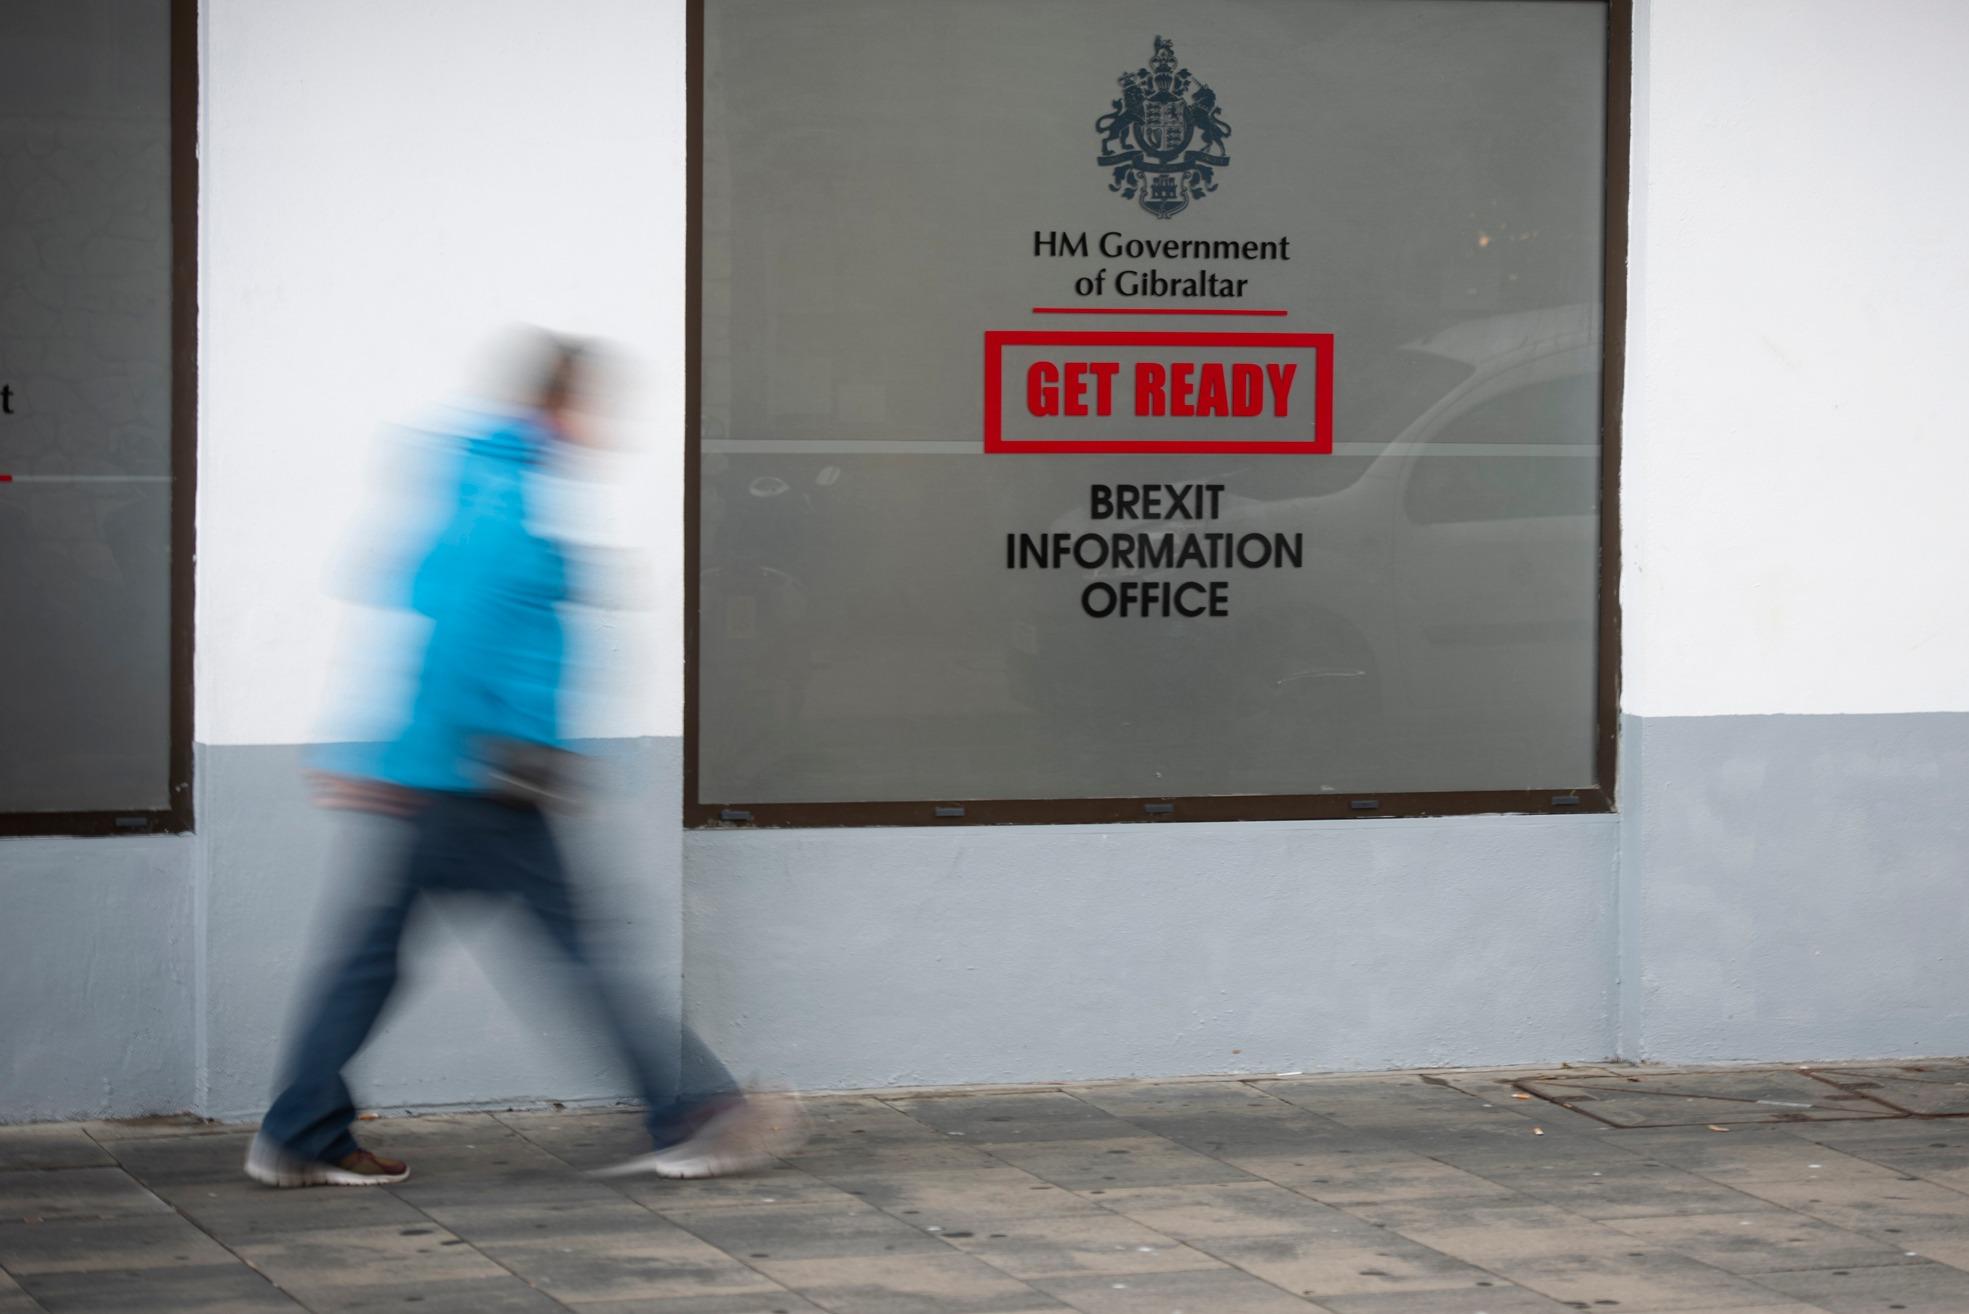 La Oficina del Brexit aporta información a la ciudadanía. Marcos Moreno